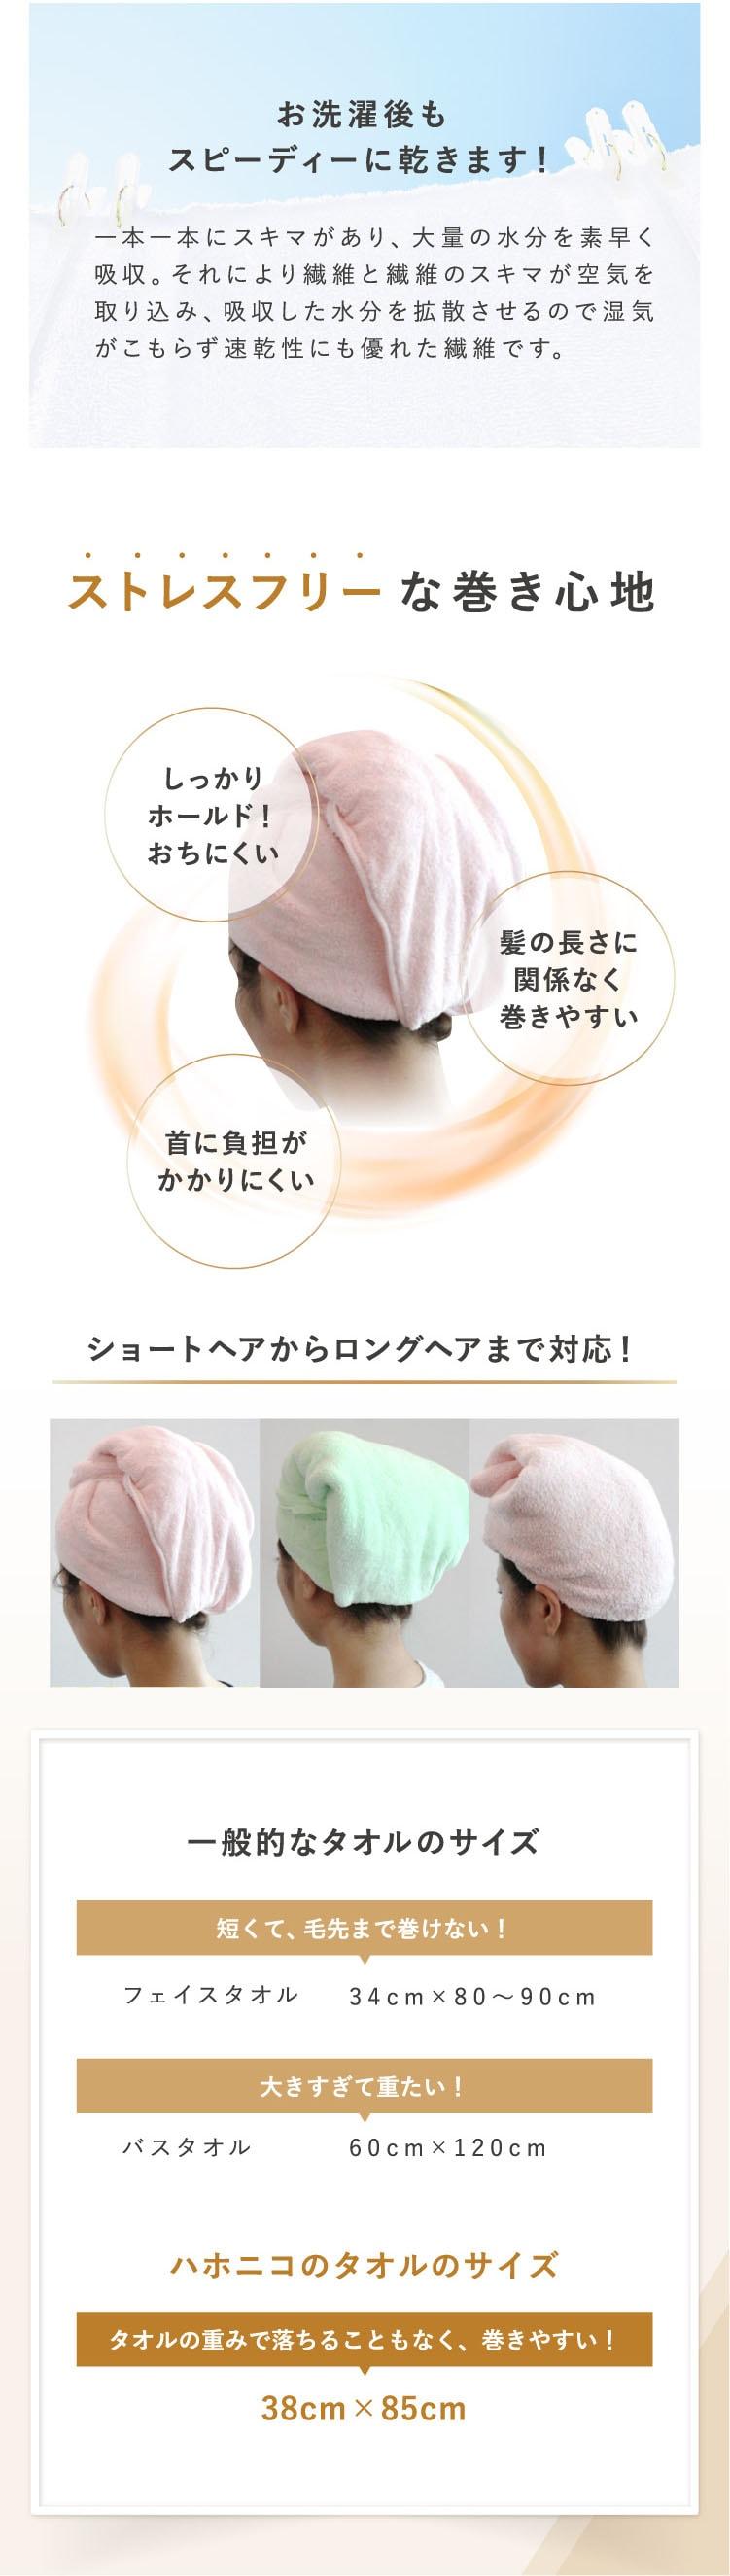 美容師さんが考えた髪のためのタオル